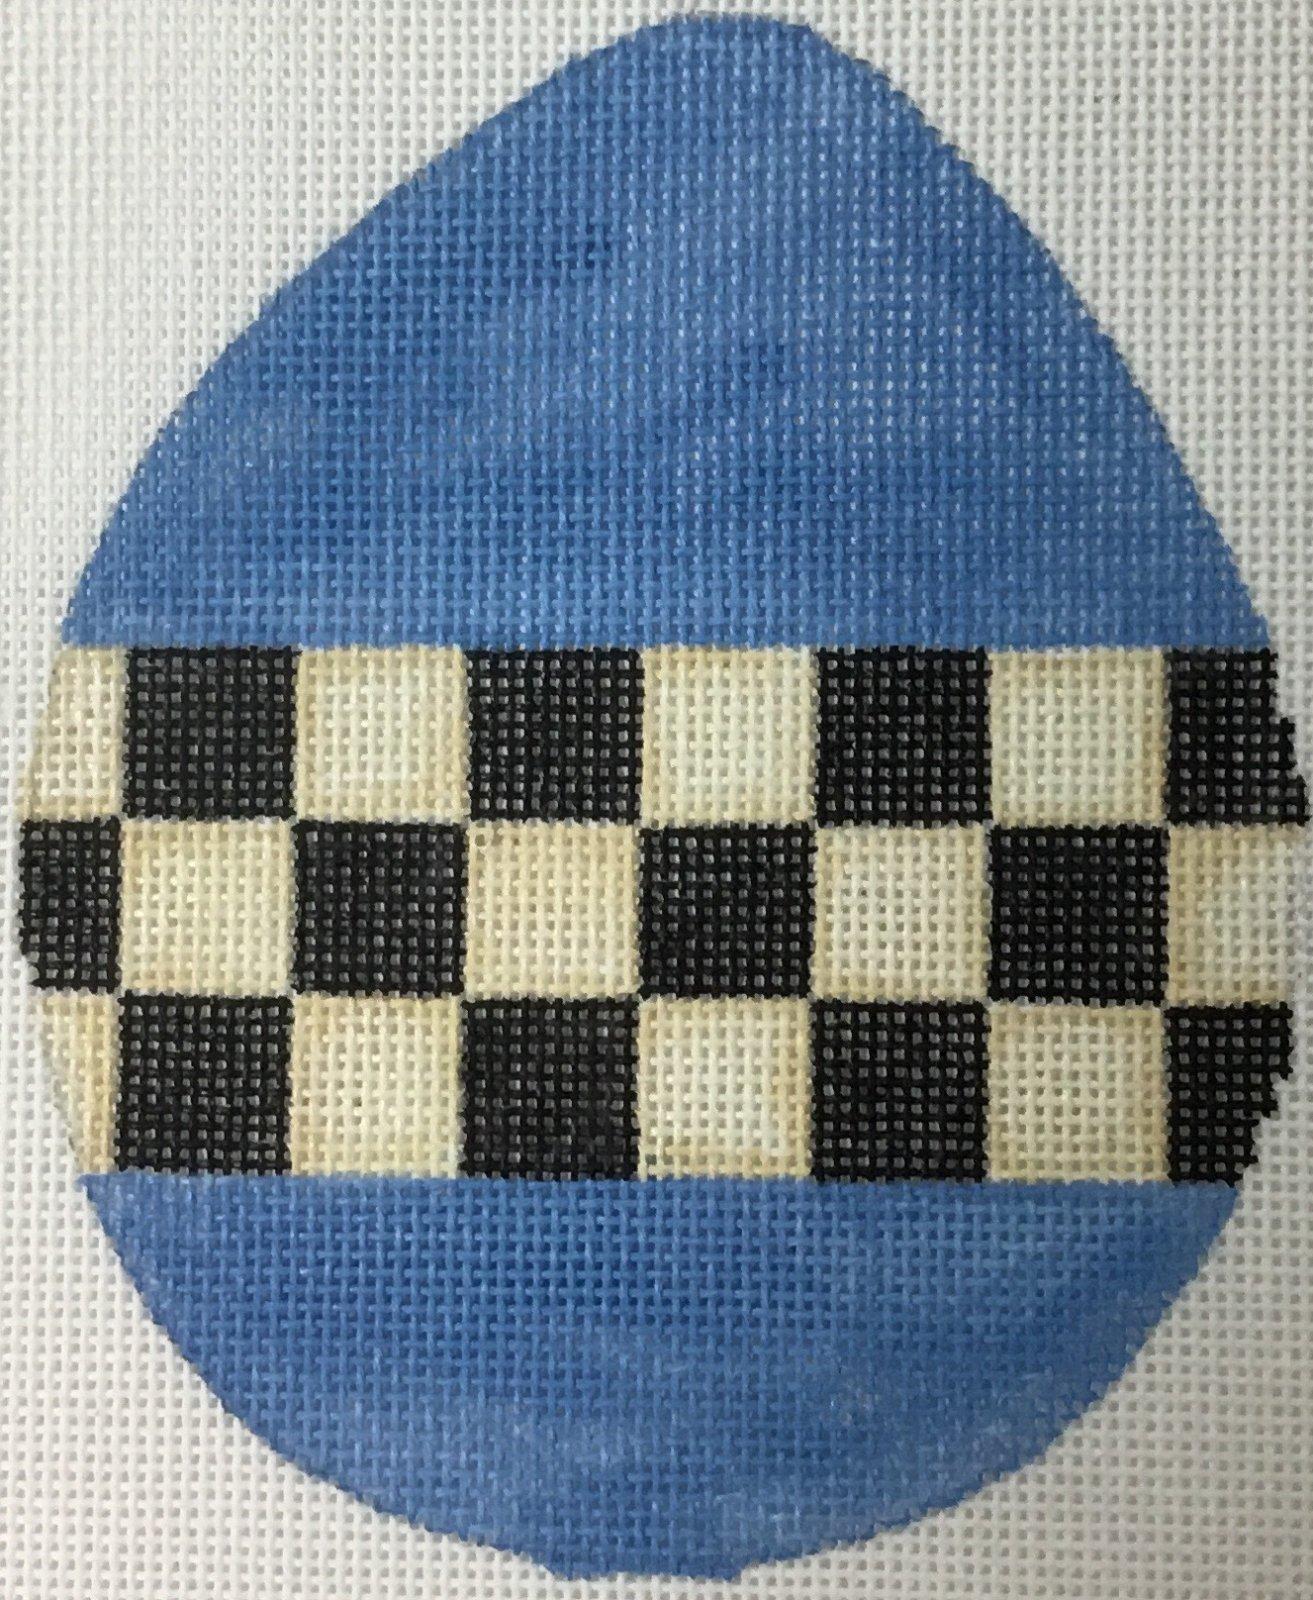 Blue Bow w/ Checks, 5 x 4, 18 ct.